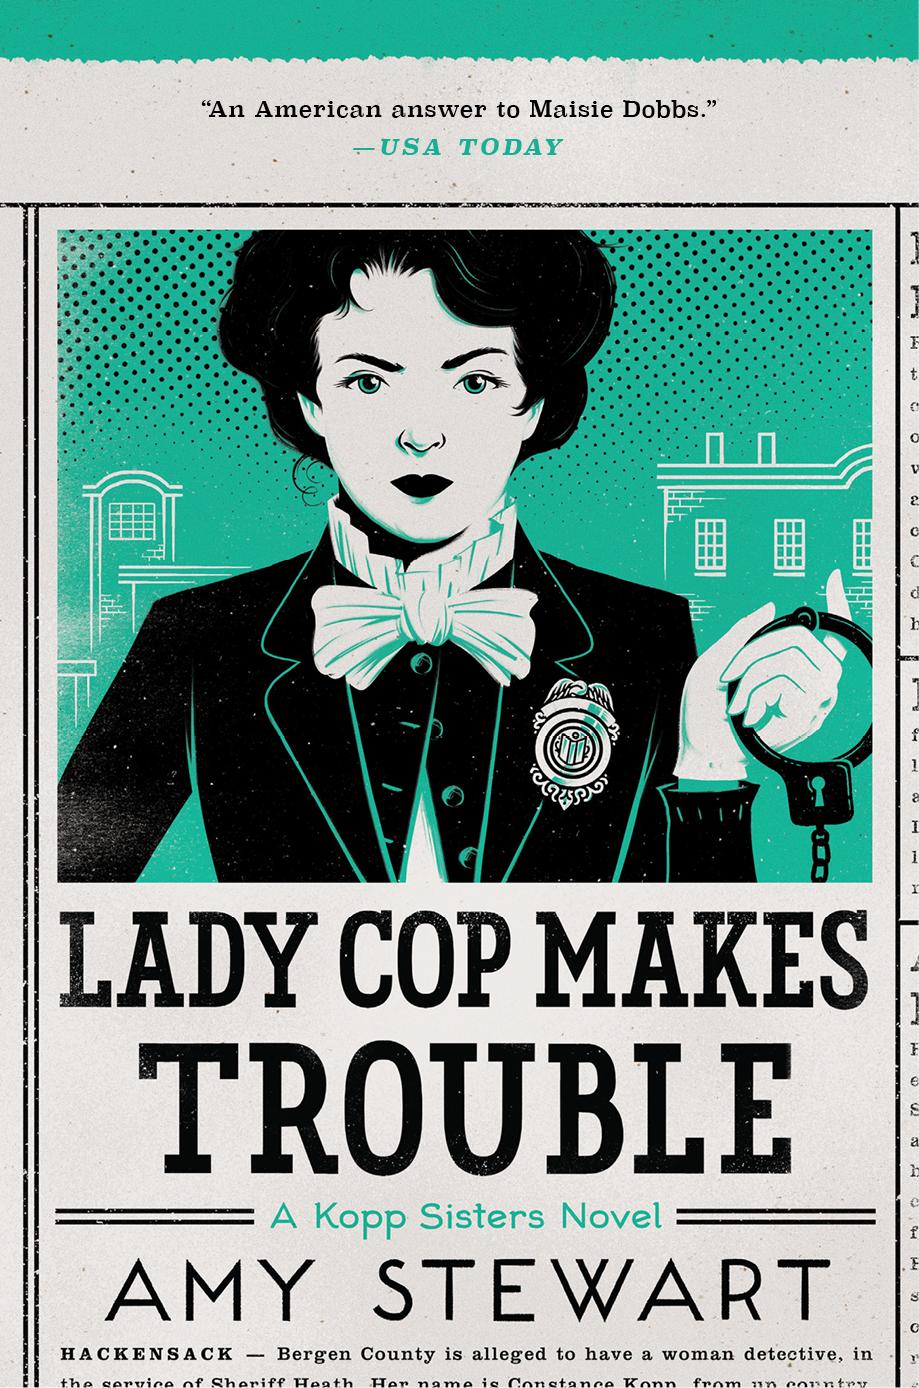 Stewart_lady-cop-makes-trouble_hres.jpg